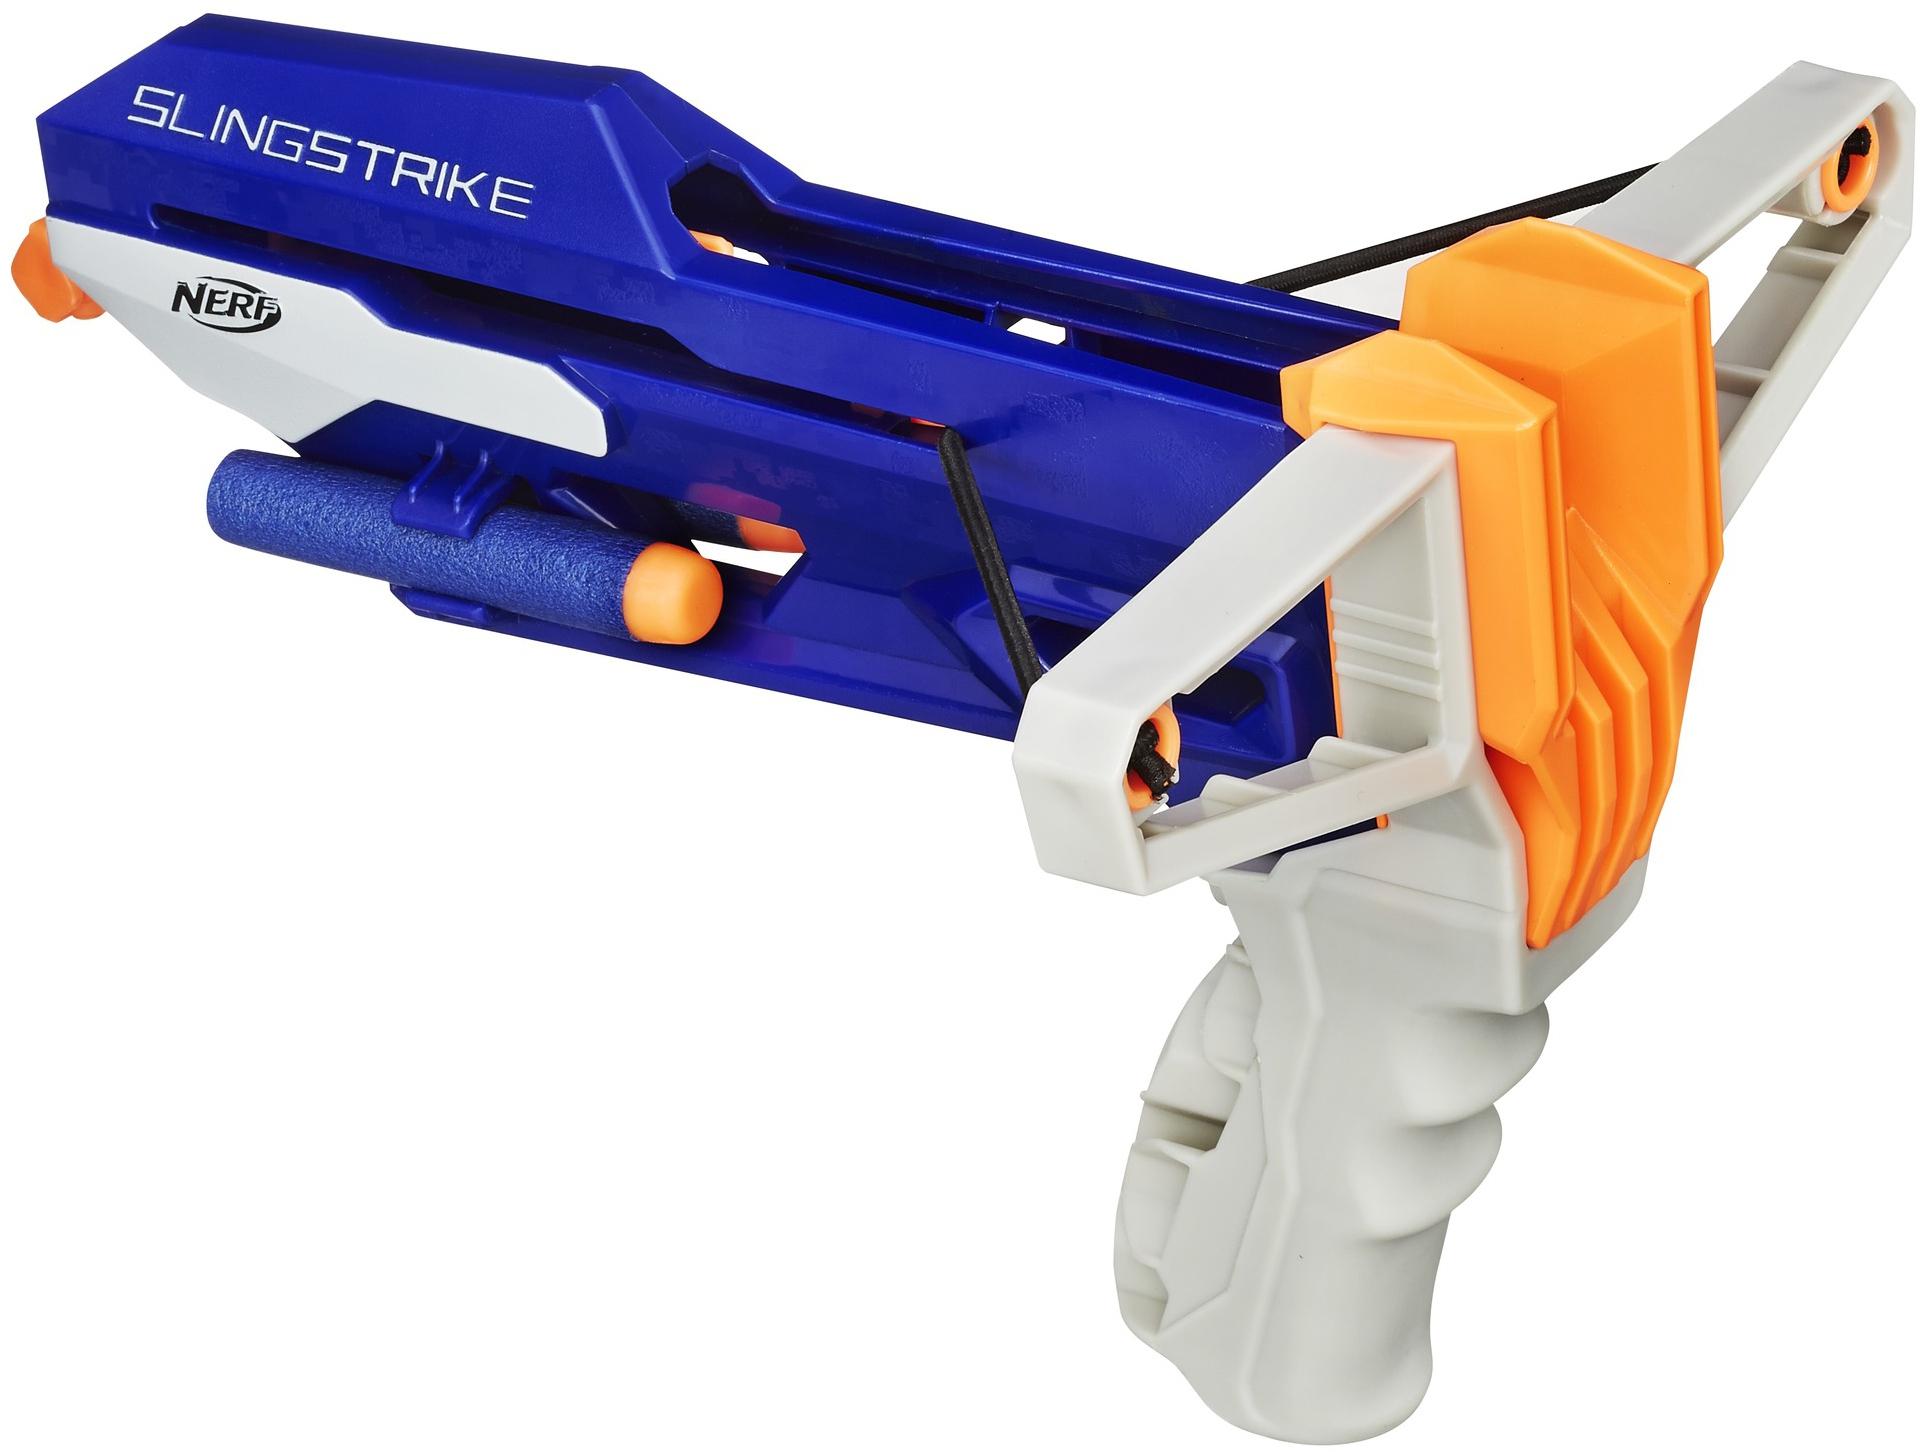 Купить Игрушечное оружие и бластеры, Элит Рогатка, 1шт., NERF A9250EU4, Китай, синий, белый, оранжевый, Мужской